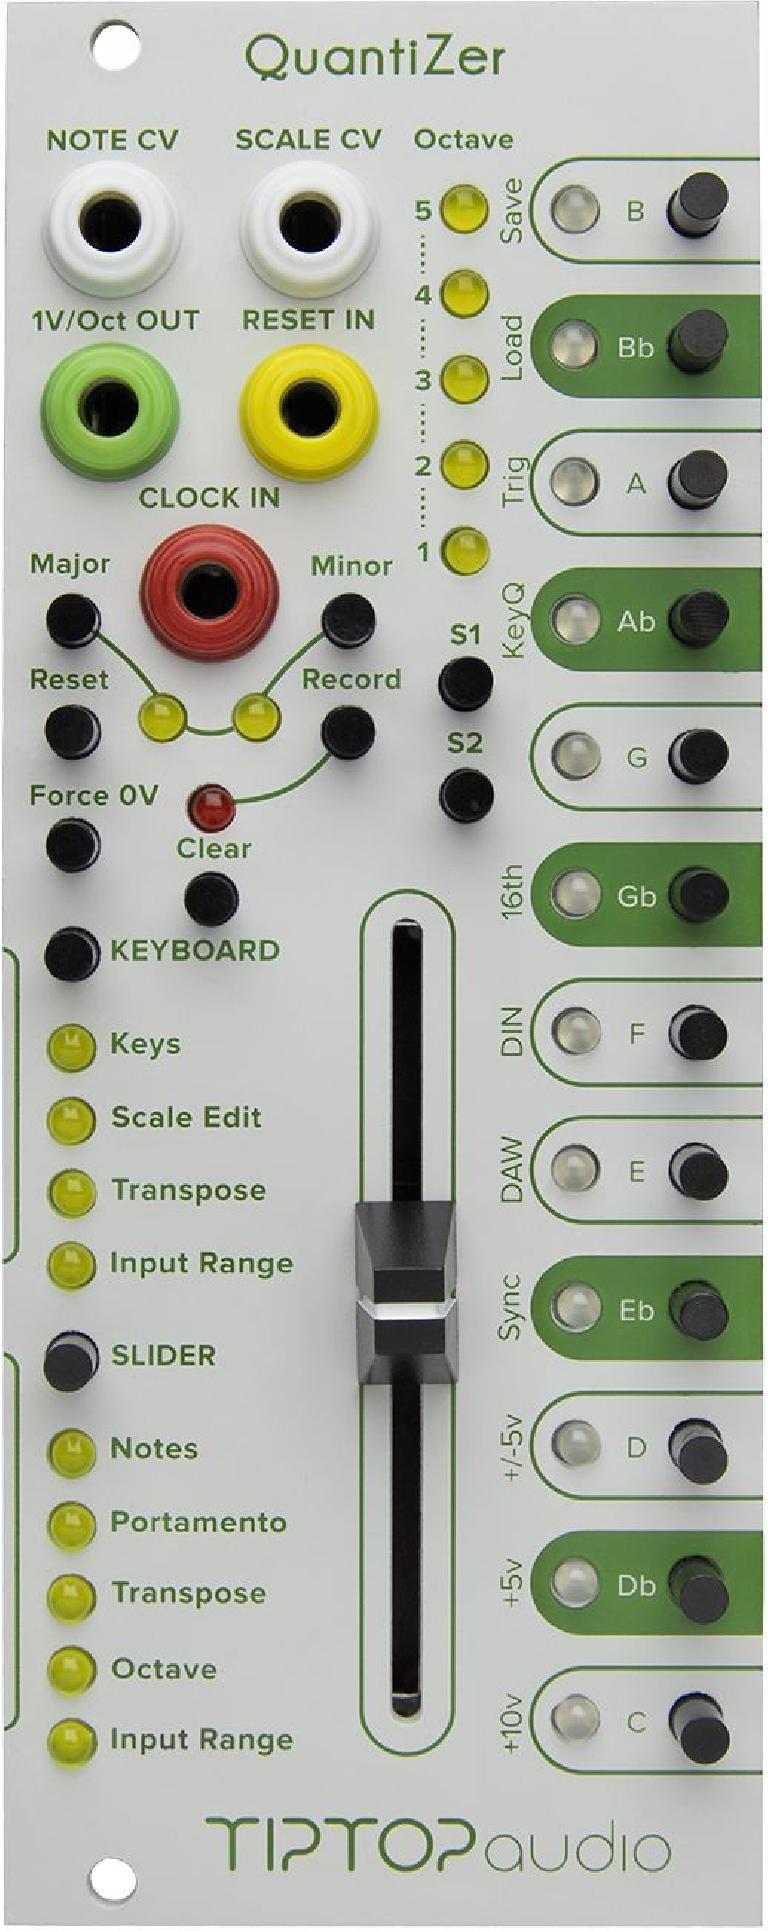 Tip Top Audio Quantizer